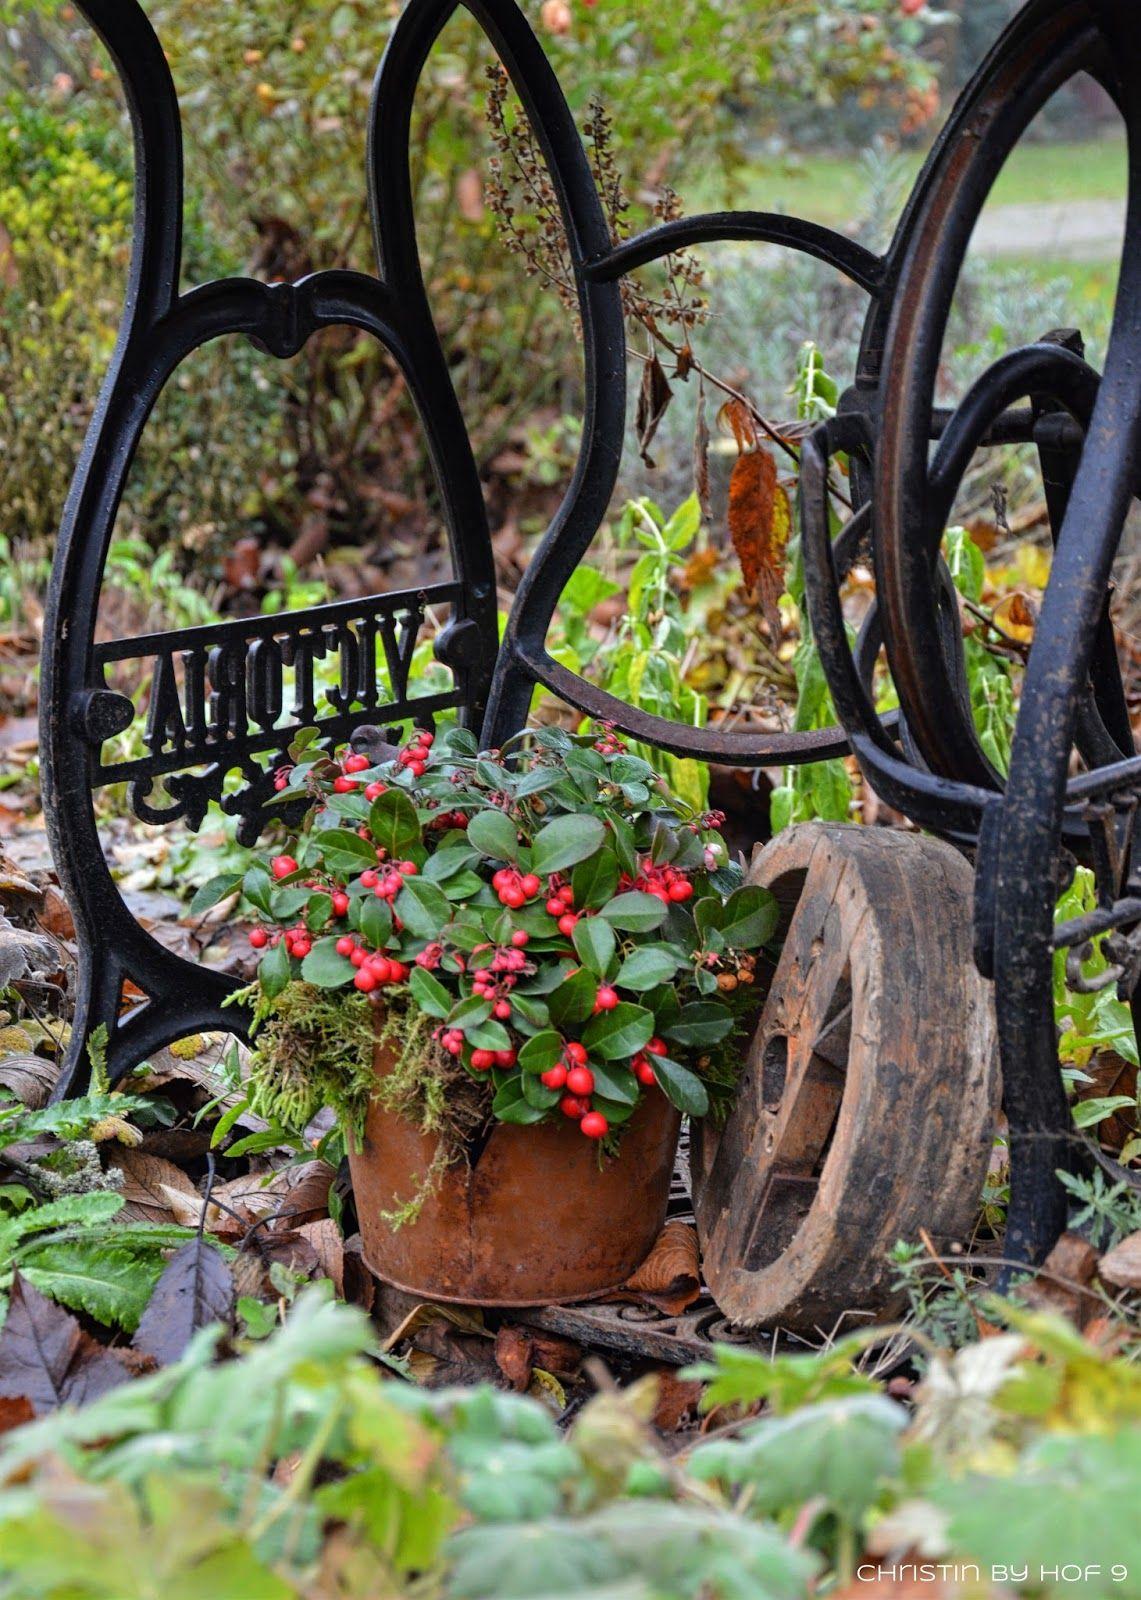 Quaste Aus Kiefernadeln Natürliche Gartendeko Im Winter Weihnachtsdekoration Im Garten Rost Weihnachtsdekoration Garten Garten Deko Weihnachtsdeko Im Garten